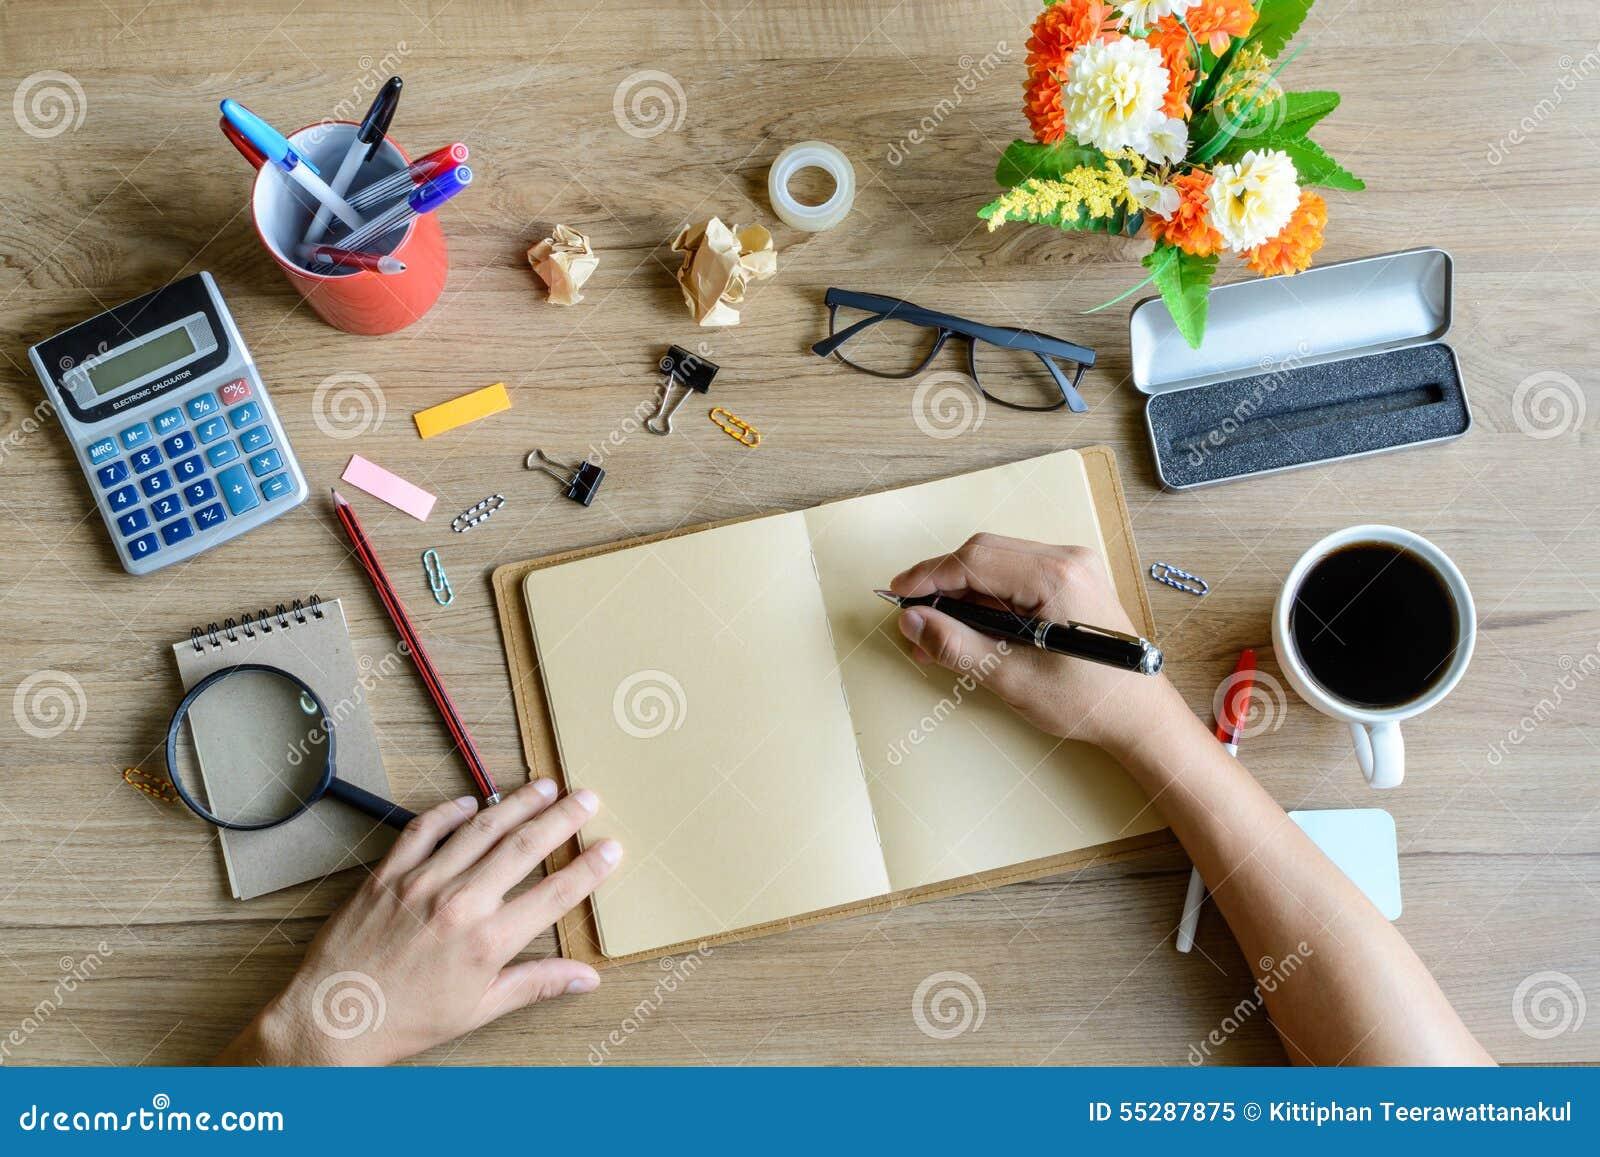 Material de oficina y taza de caf en el escritorio imagen for Mayorista material oficina